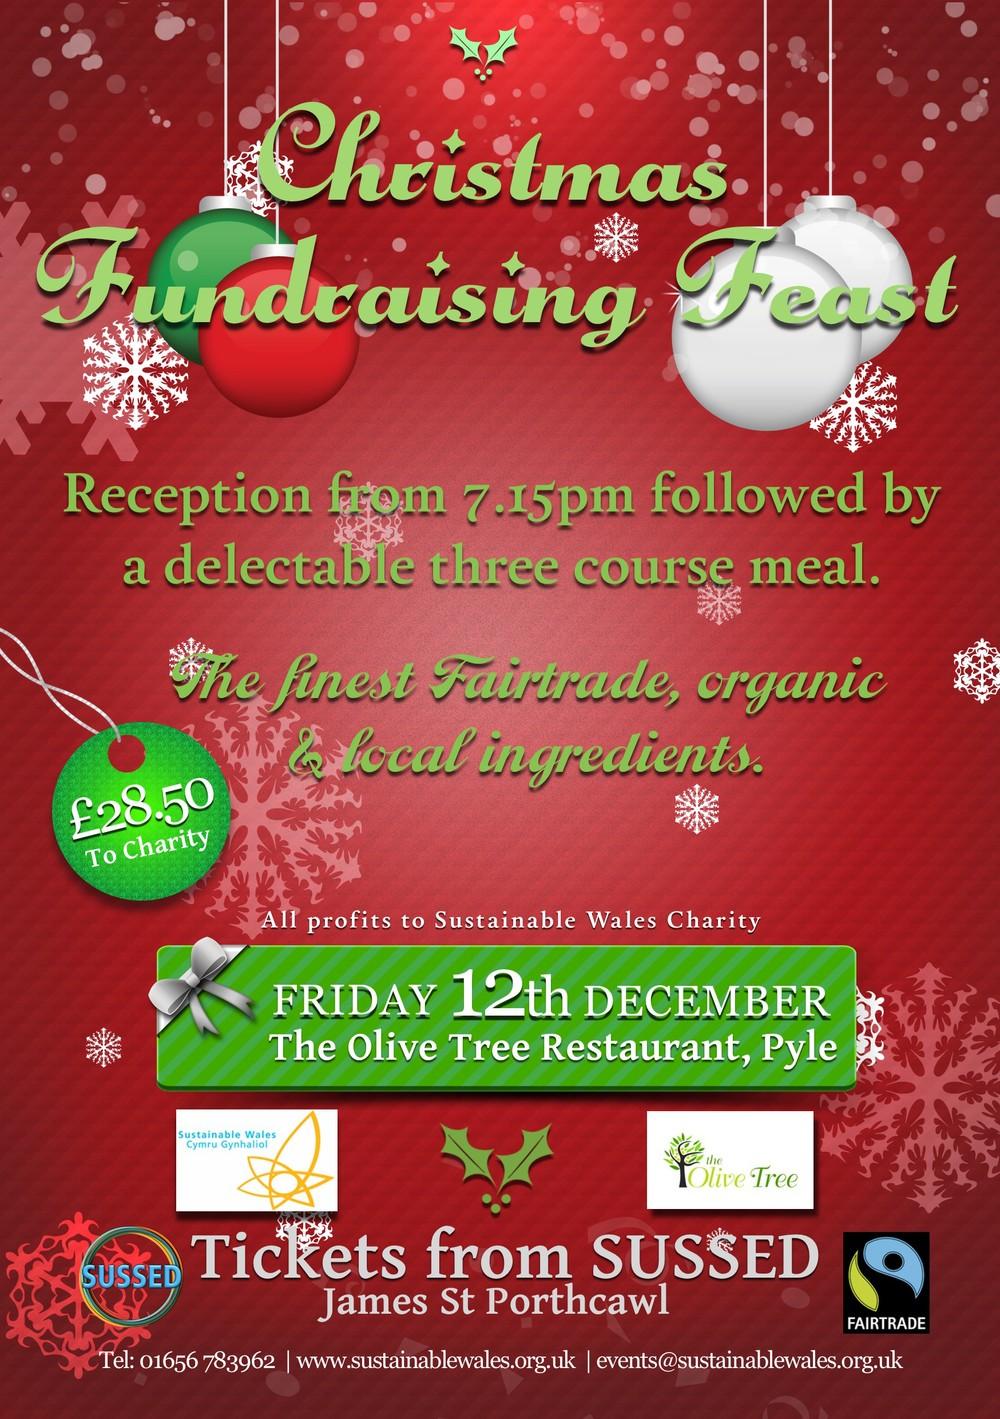 2014 festive feast poster 1.jpg